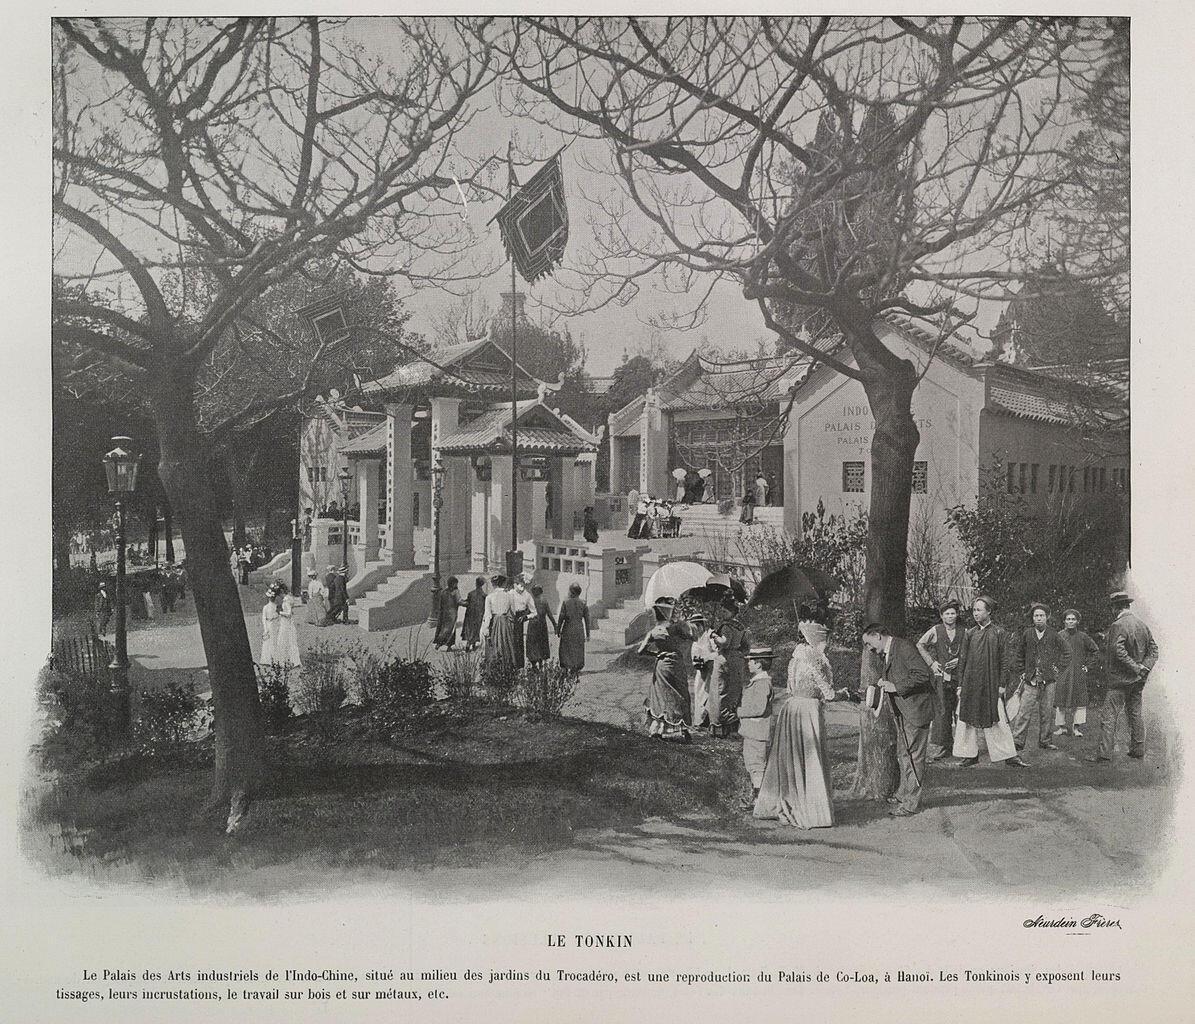 Triển lãm Hoàn cầu Paris 1900. Khu Đông Dương (Pavillon de l'Indochine), Paris. Ảnh của nhà sách Nghệ thuật Ludovic Baschet, 1900.